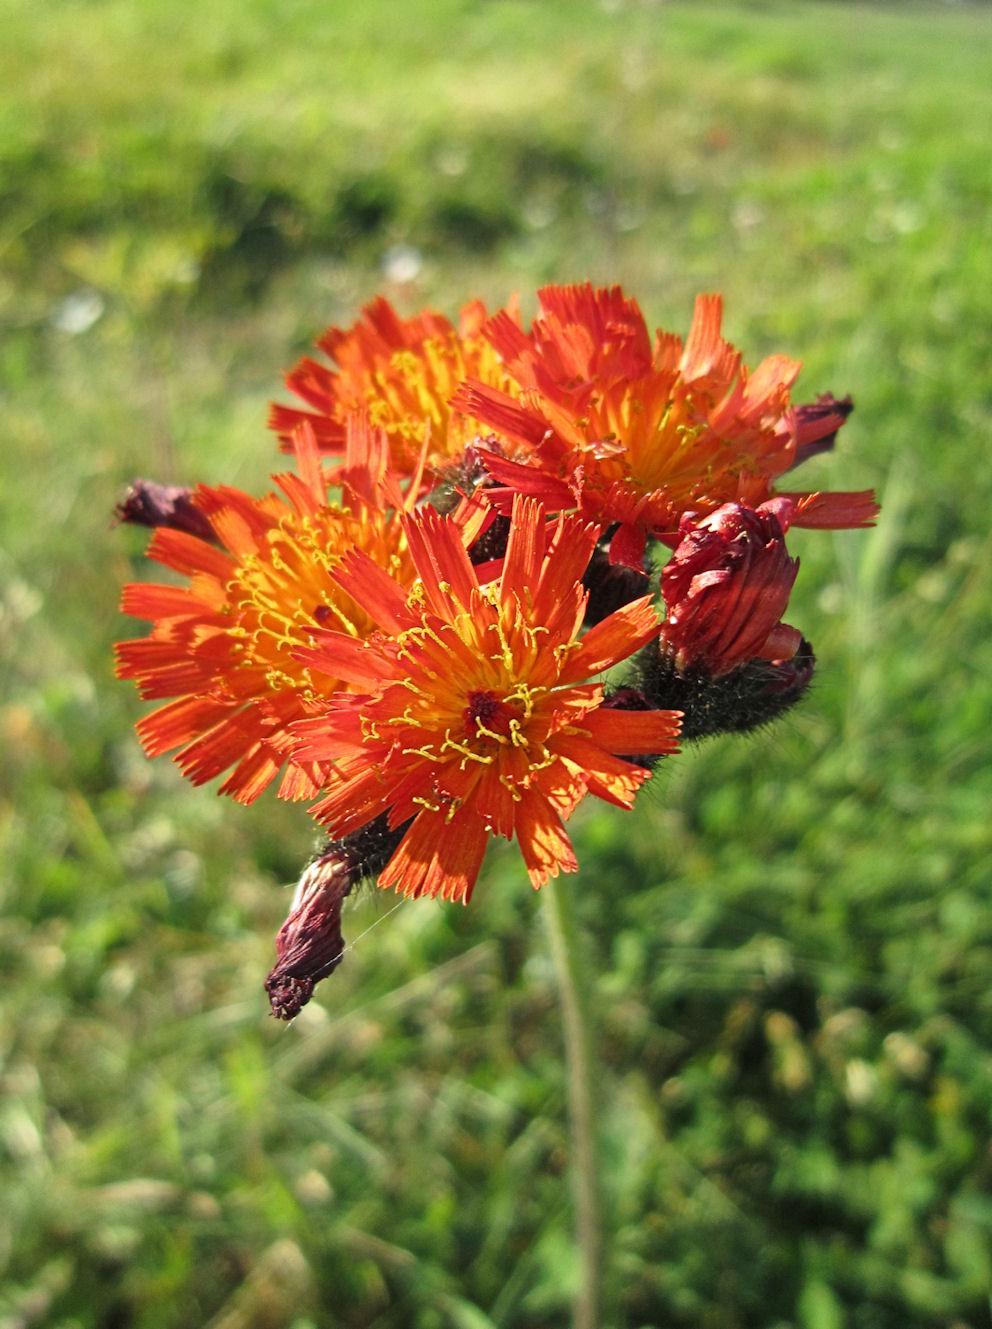 Foto/billede af Pomerans-Høgeurt (Pilosella aurantiaca ssp. aurantiaca)